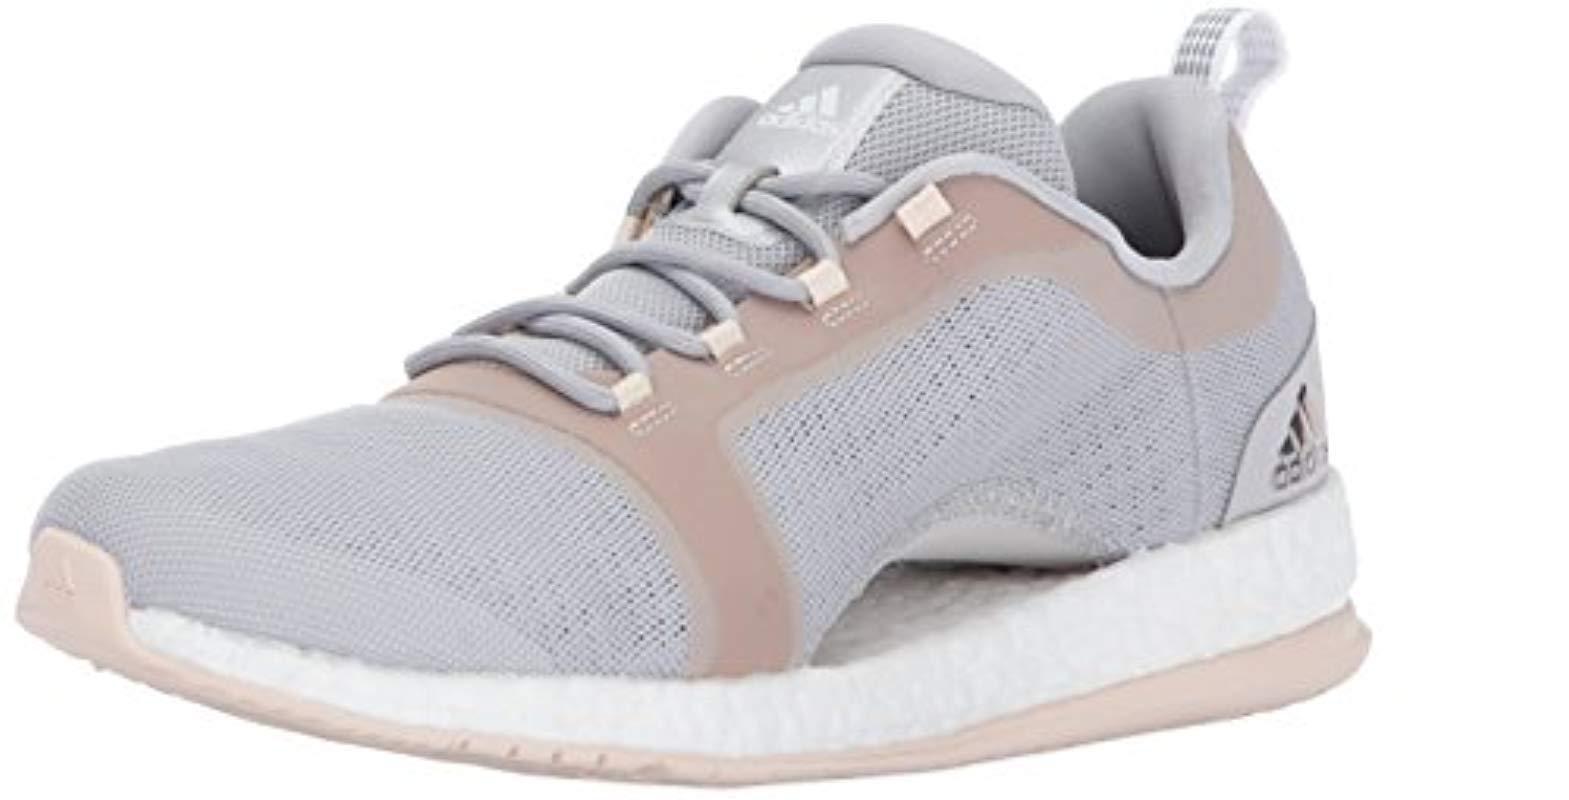 acd763e5e11d8 adidas. Women s Pureboost X Tr 2 Running Shoe